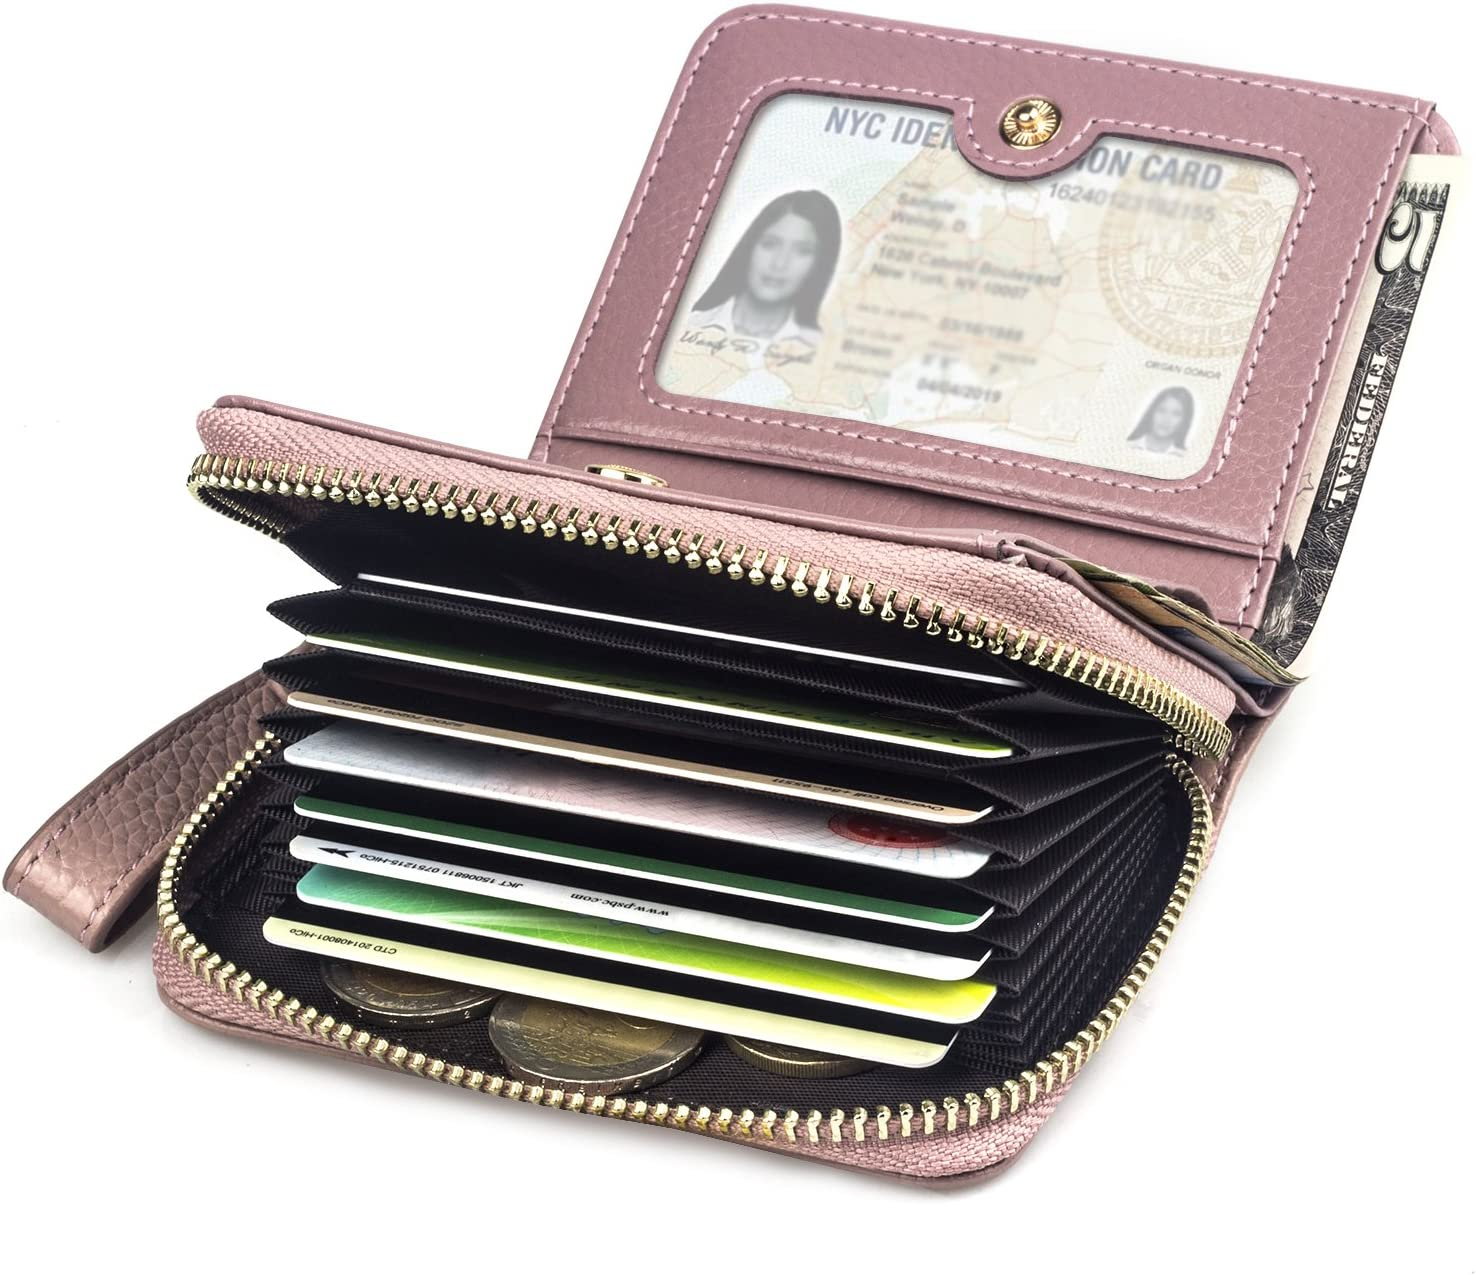 BAGZY Cartera de Mujer de Cuero Genuino Bolso Cremallera Billetera Tarjeta de crédito Titular de la Licencia de Conducir Embrague Viajar Bolso Negocio Estuche de Tarjetas Señoras Chicas Regalo Rosado